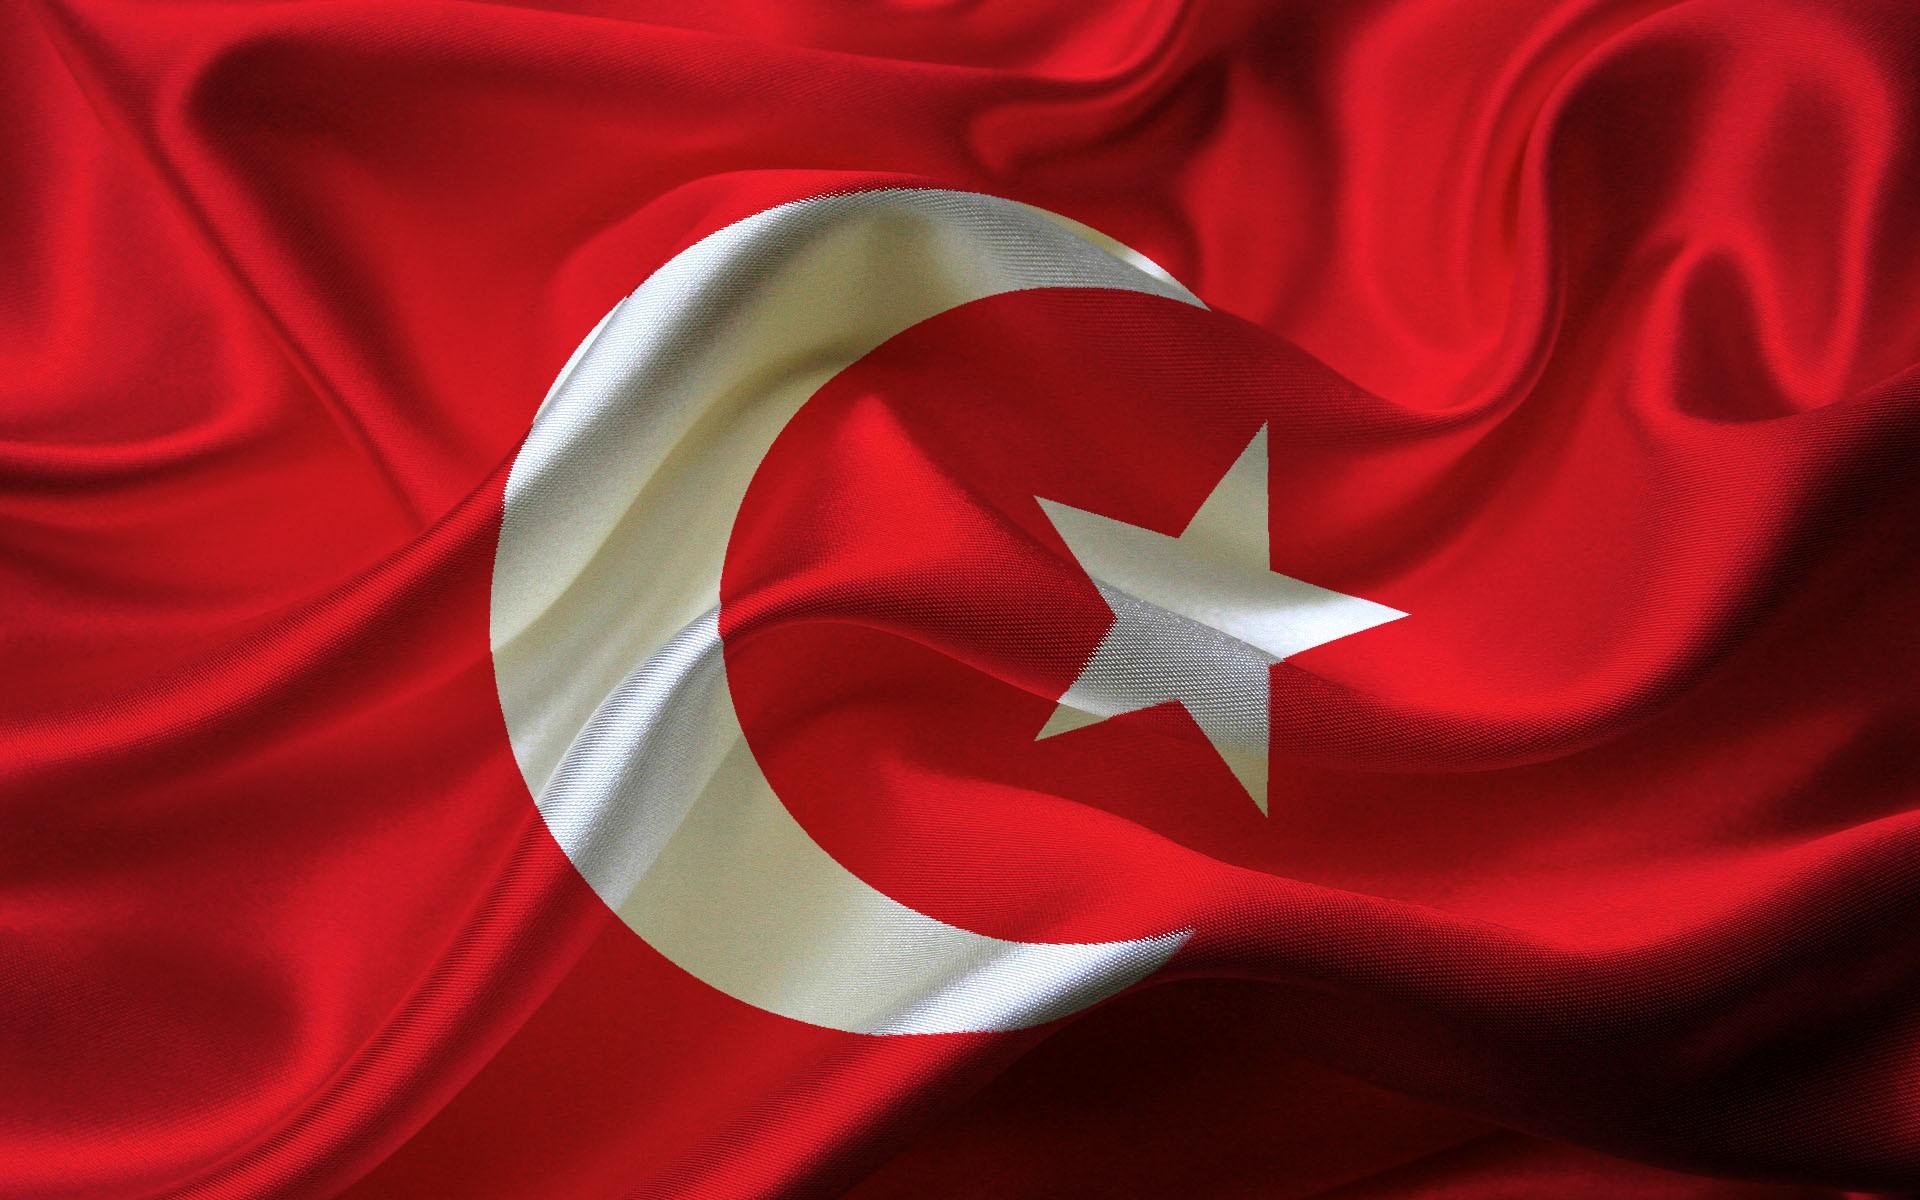 Turkey Flag 2048x1152 Resolution